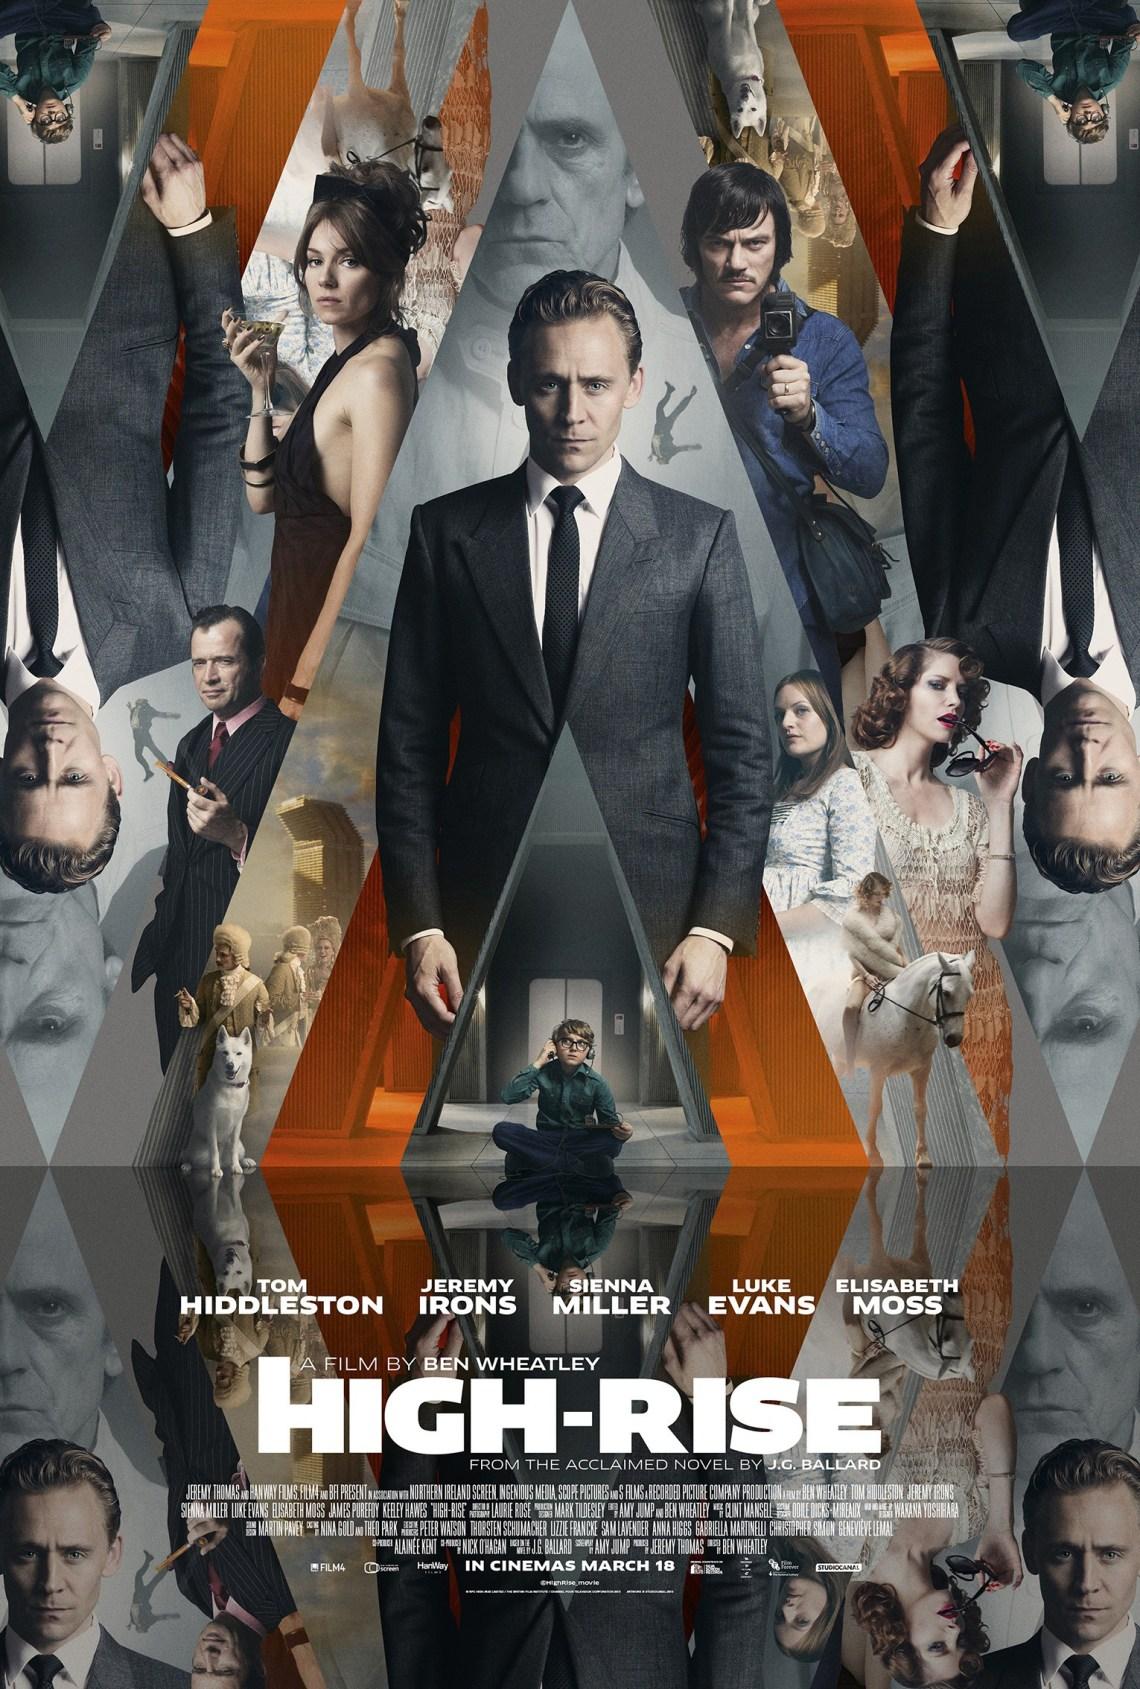 High-rise film Poster via impawards.com